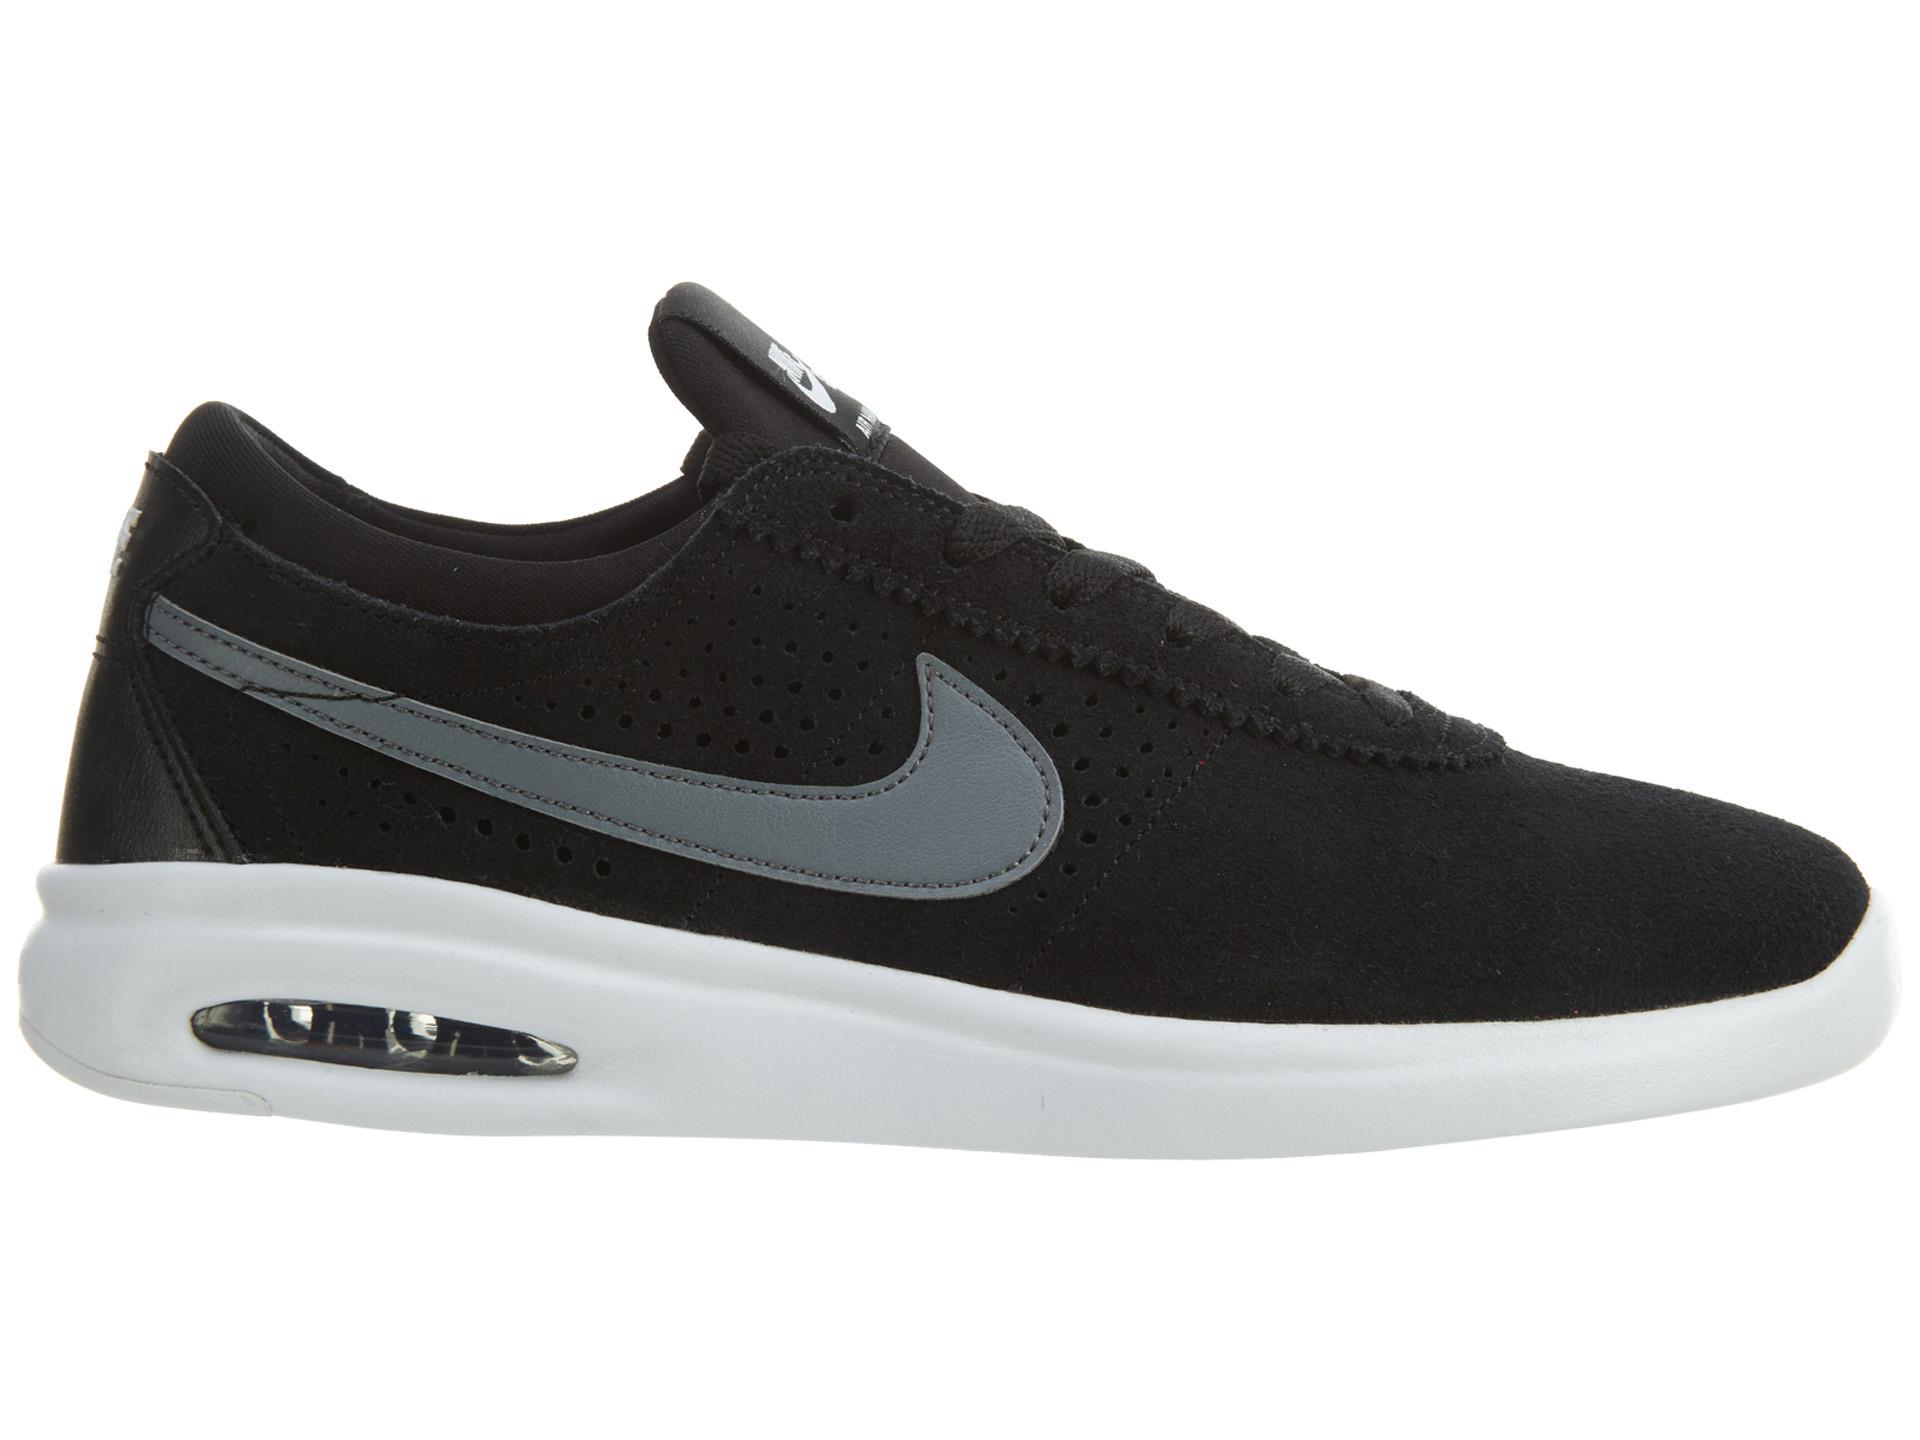 Nike Sb Bruin Max Vapor Black/Cool Grey